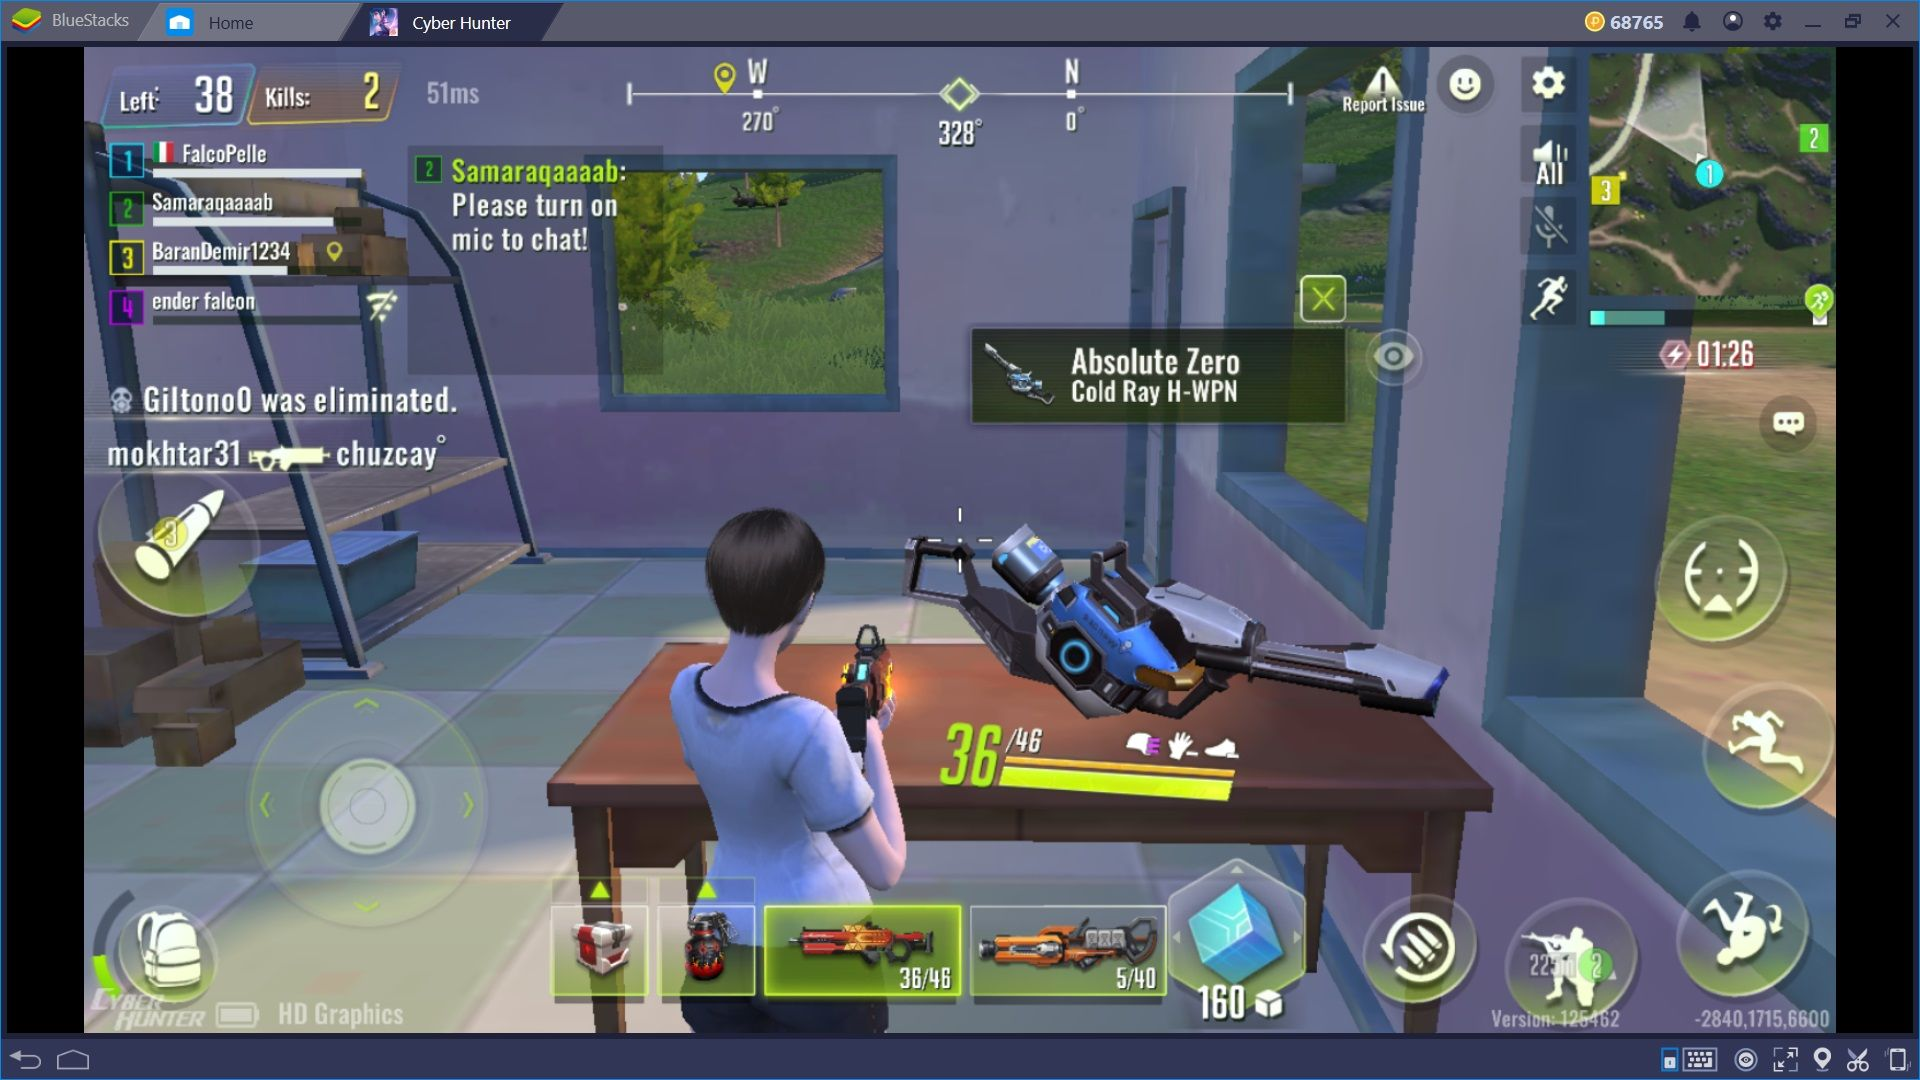 I Migliori Consigli per i nuovi giocatori di Cyber Hunter